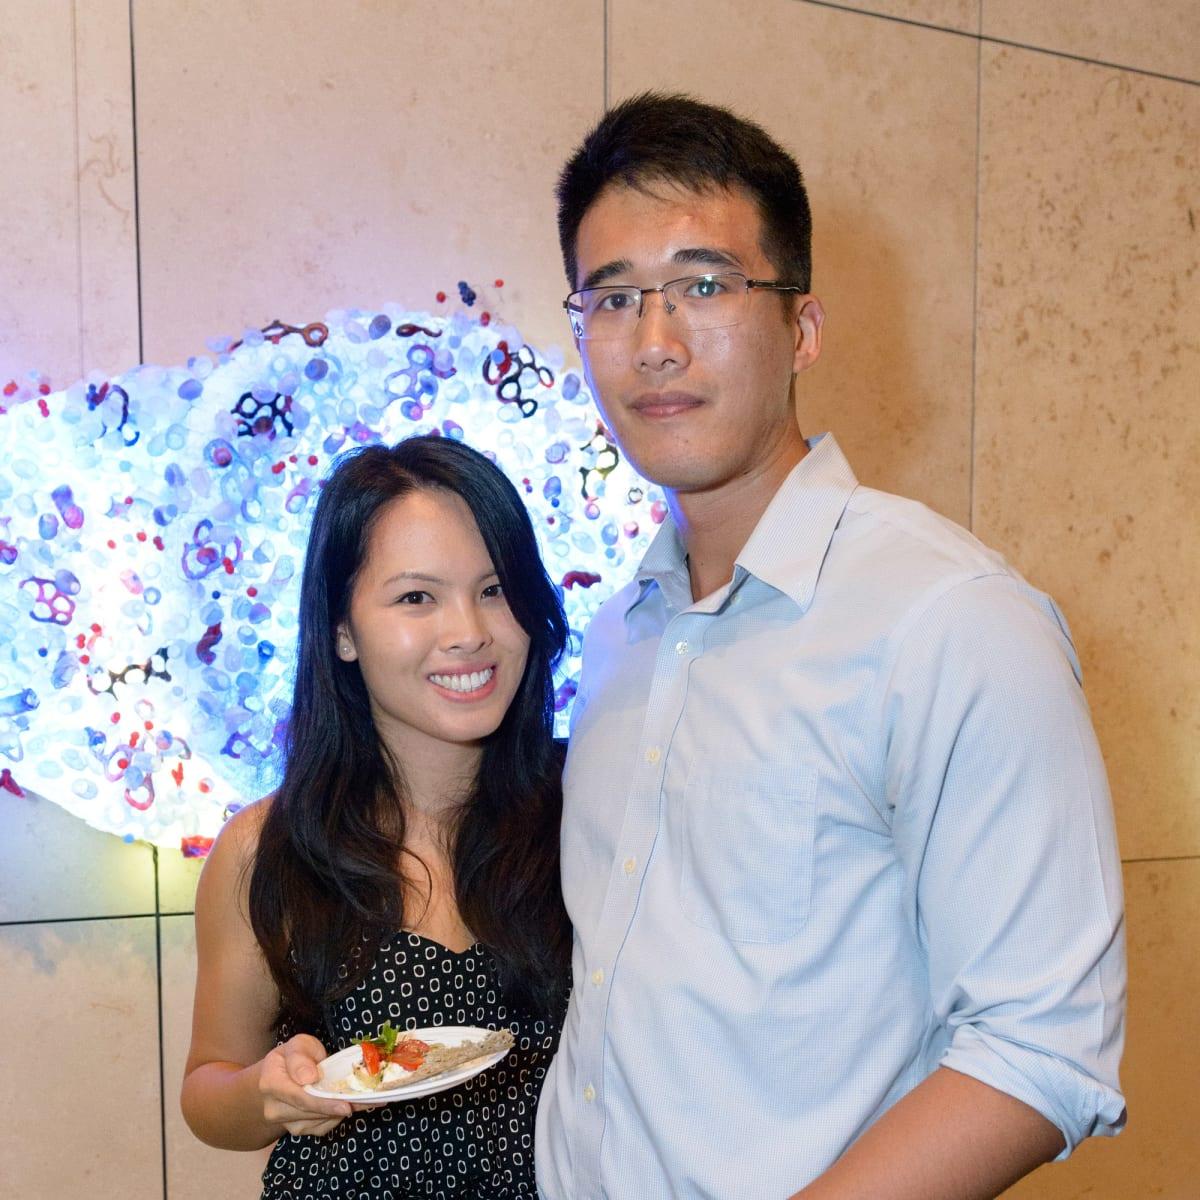 Tastemakers Houston, 5/16 Bonnie Lee, Eddie Yuen